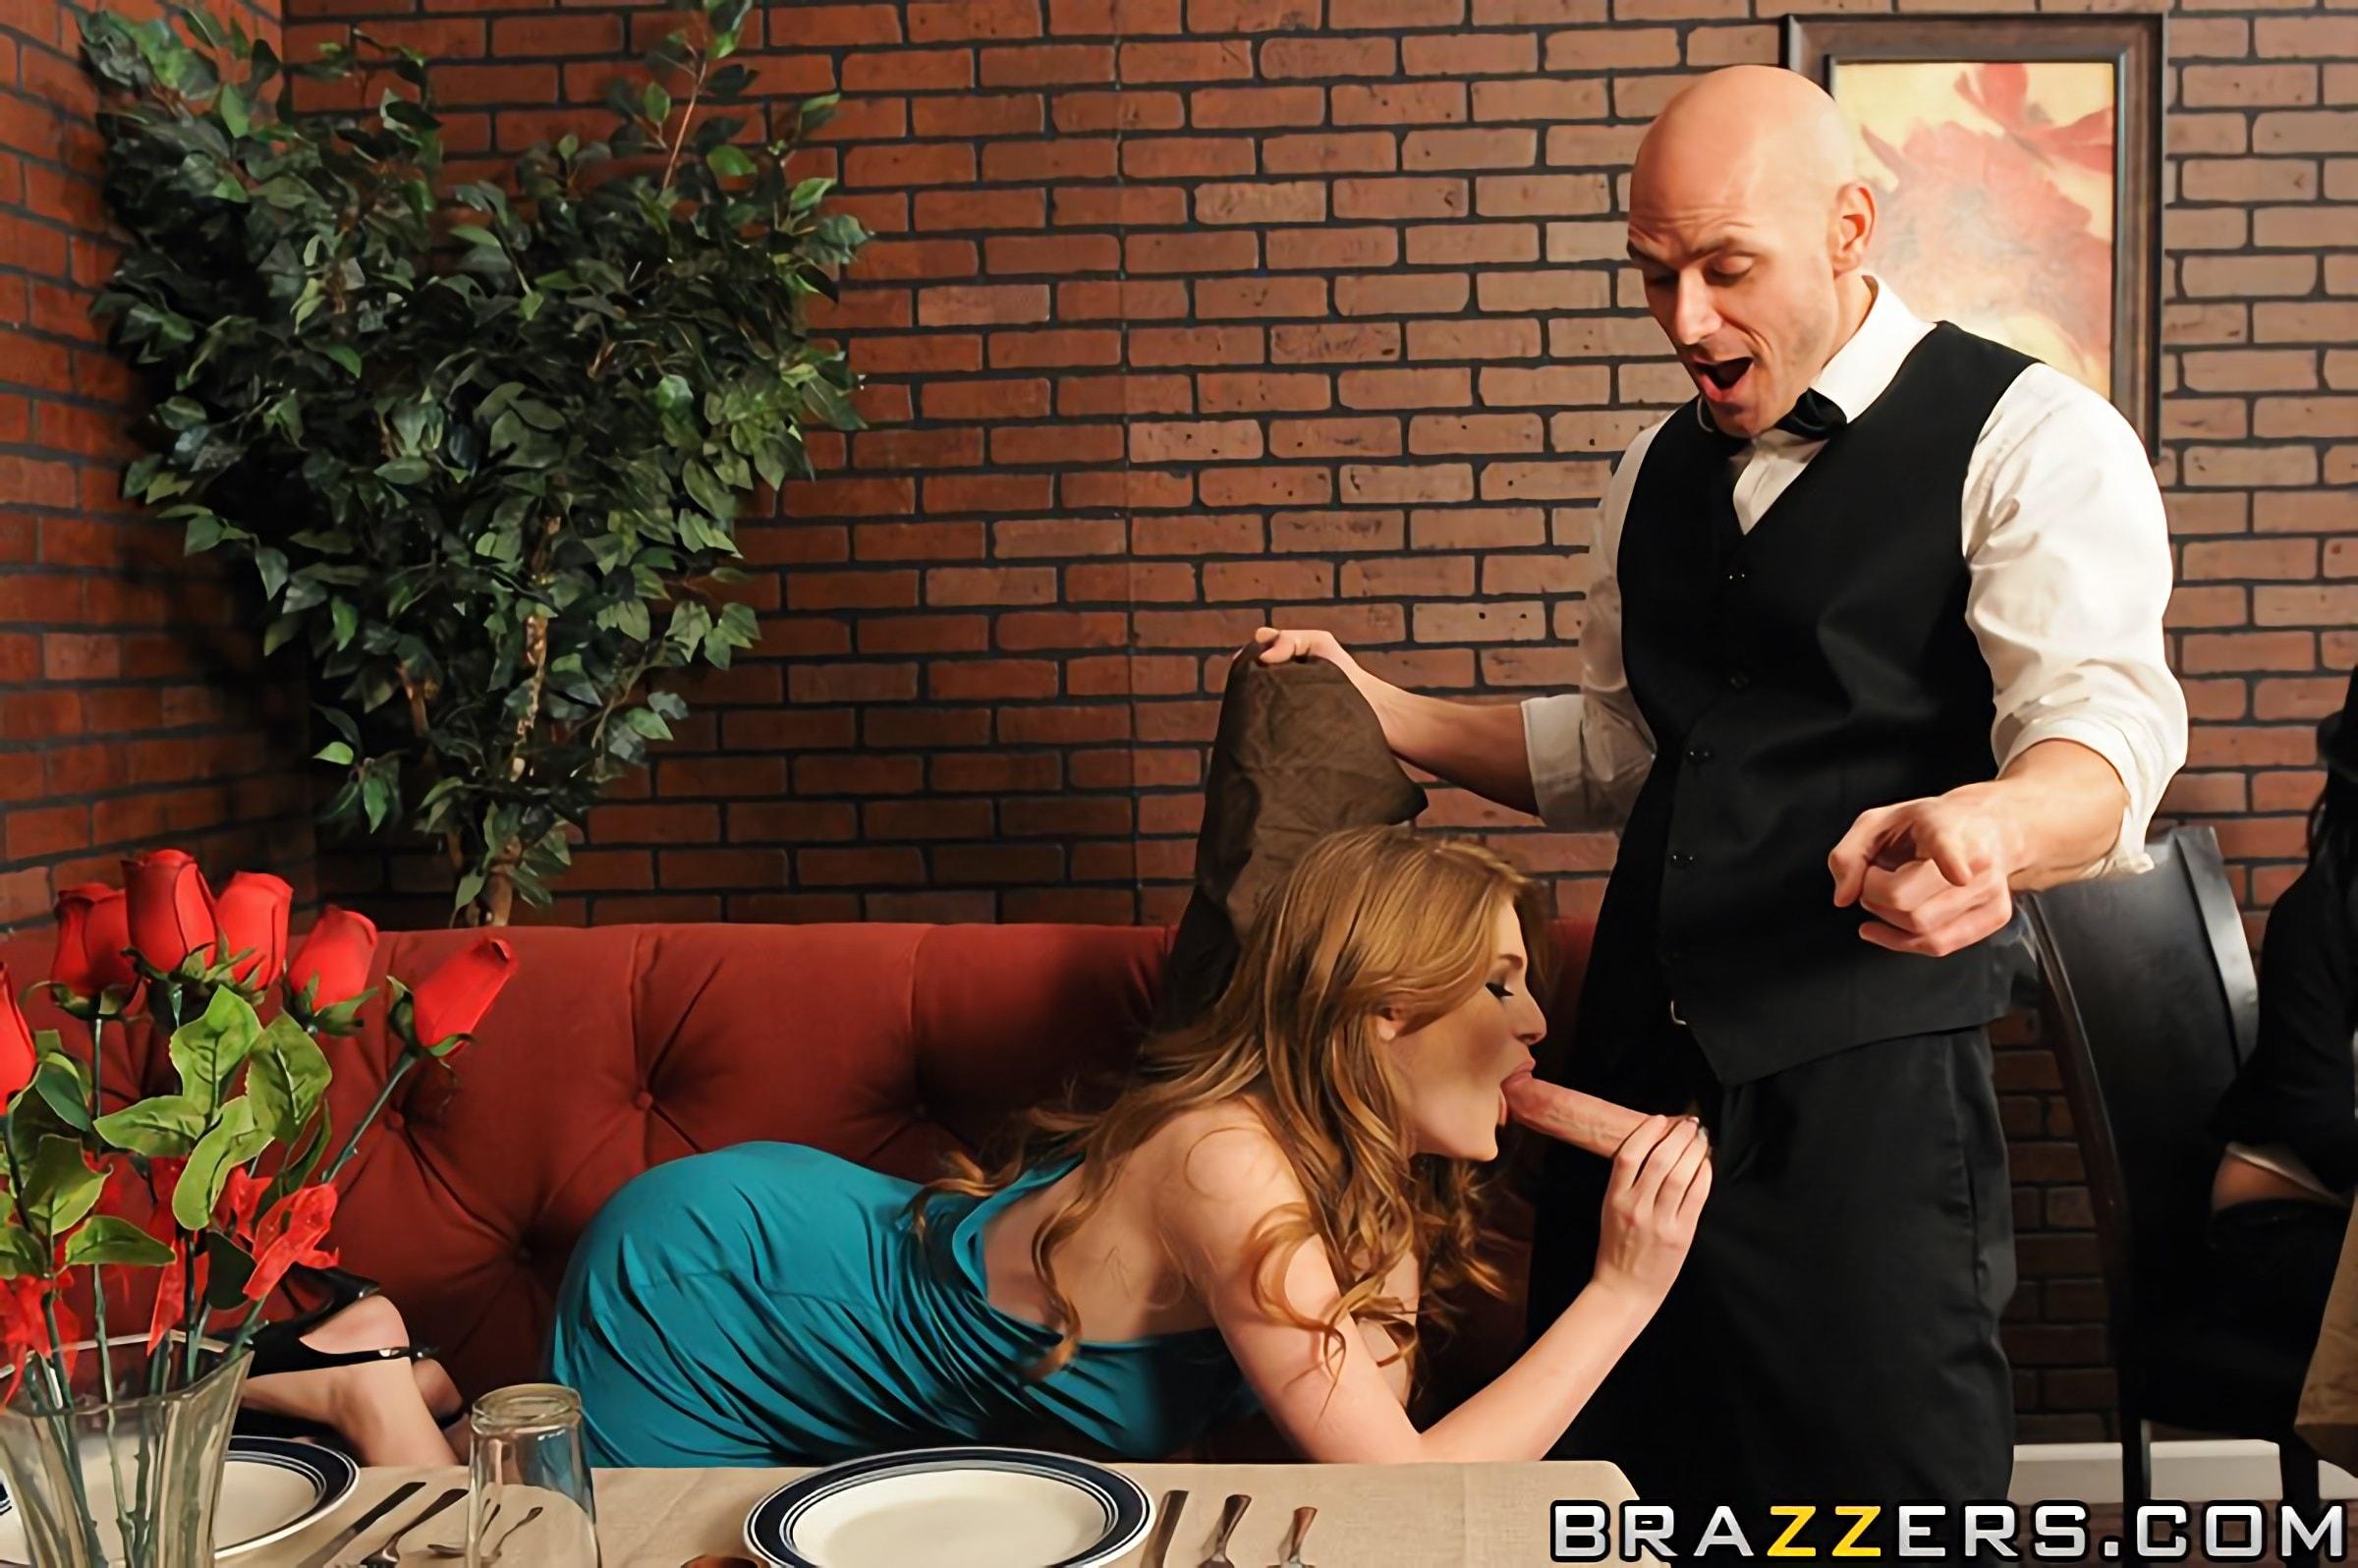 порно жены в ресторане неподвижны, локти